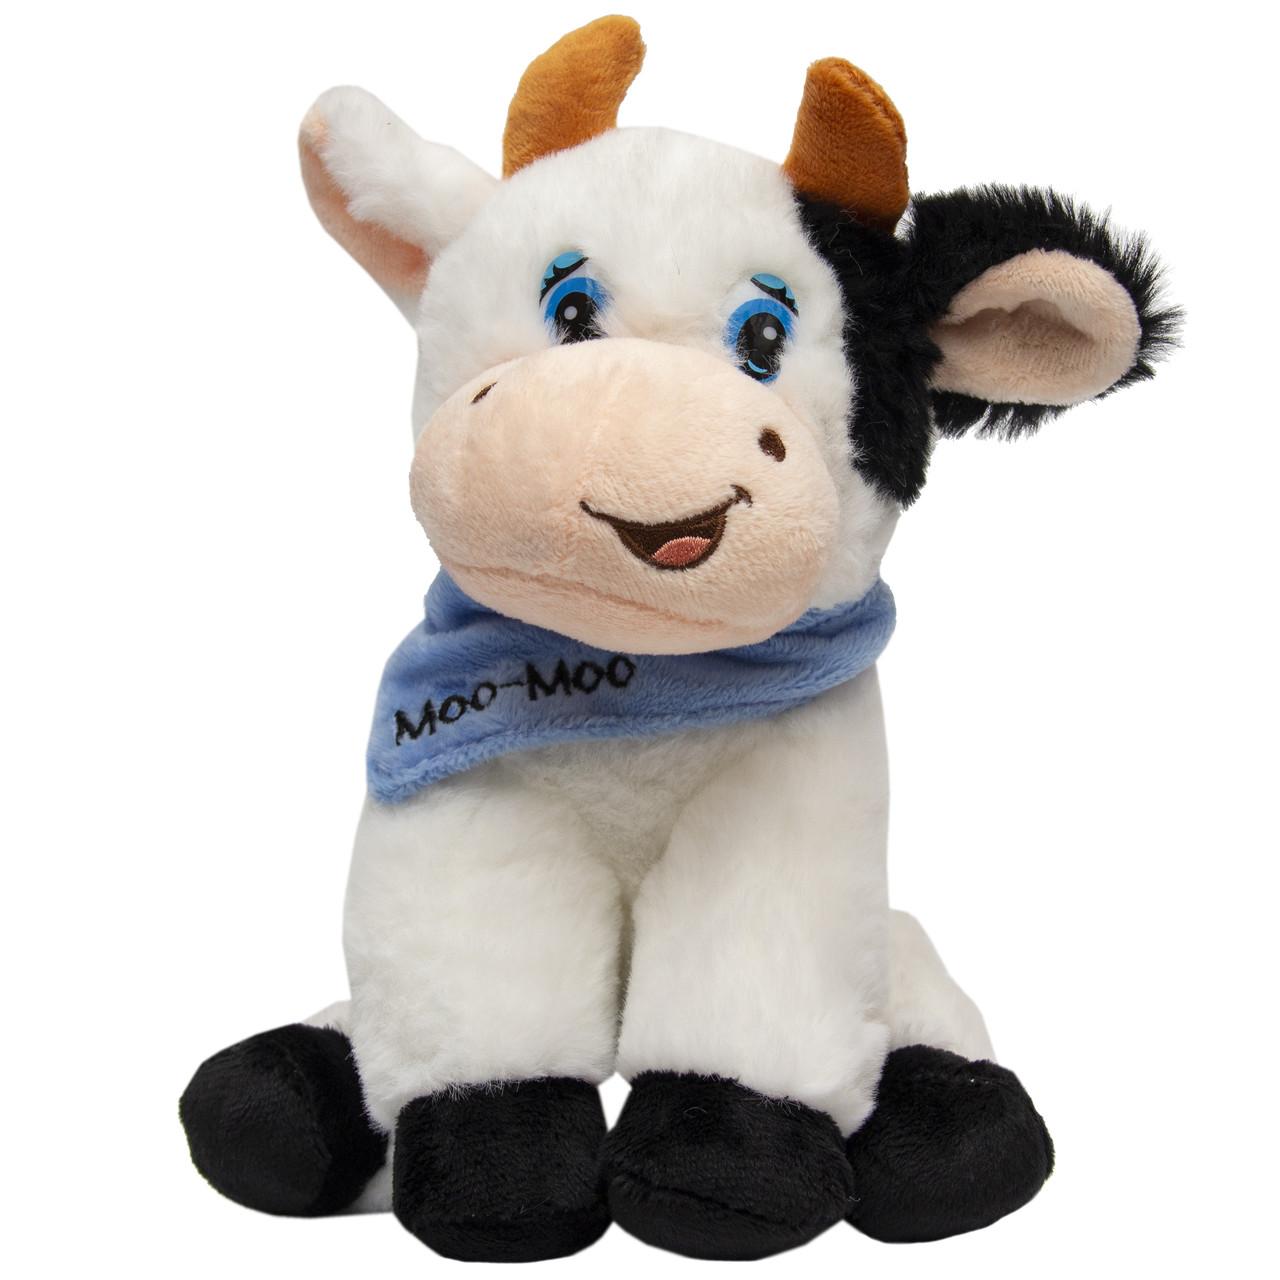 Мягкая игрушка - бык в платочке, 19 см, бело-черный, полиэстер (394981)